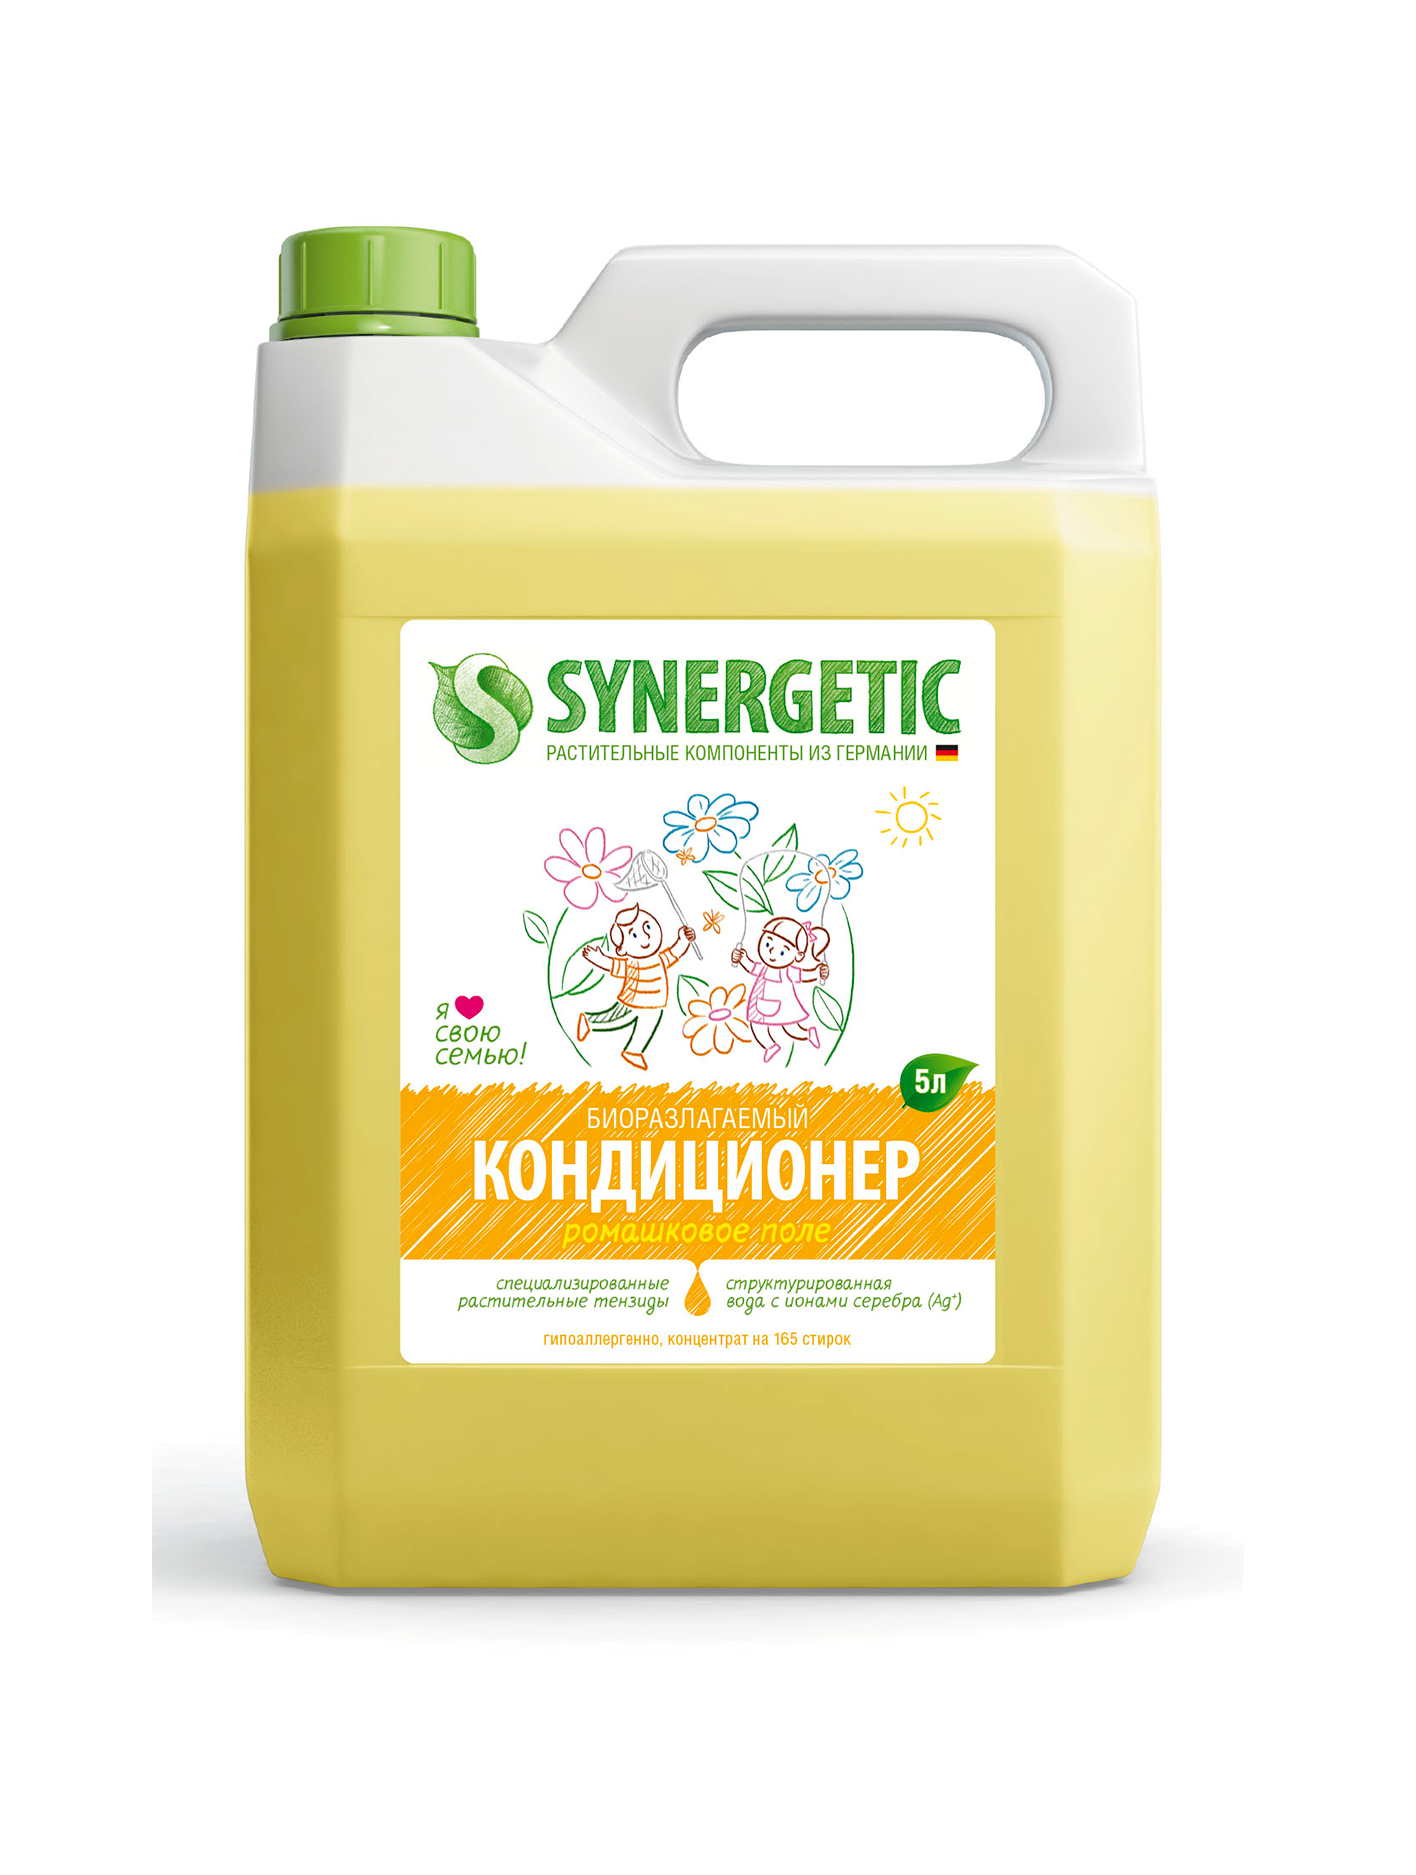 Купить Бытовая химия, Цветочная фантазия 5 л, Synergetic, Россия, желтый